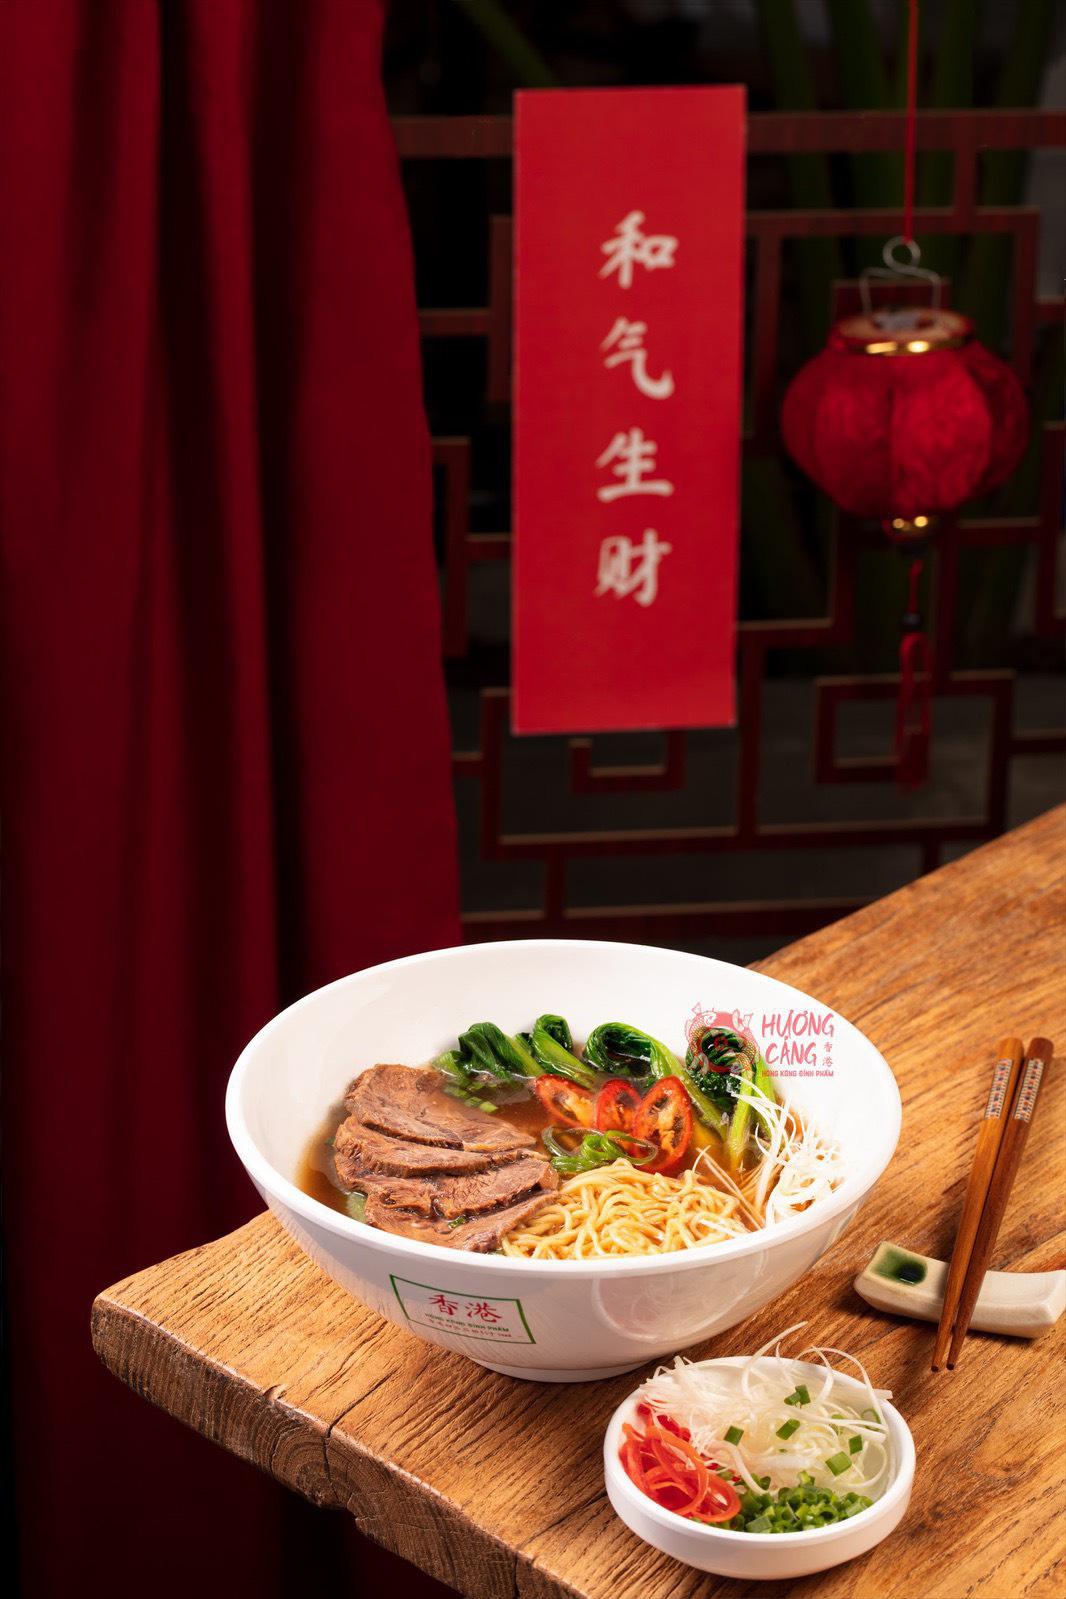 Kỳ lạ dân Sài Gòn nửa đêm xếp hàng ăn món Hoa - Ảnh 3.